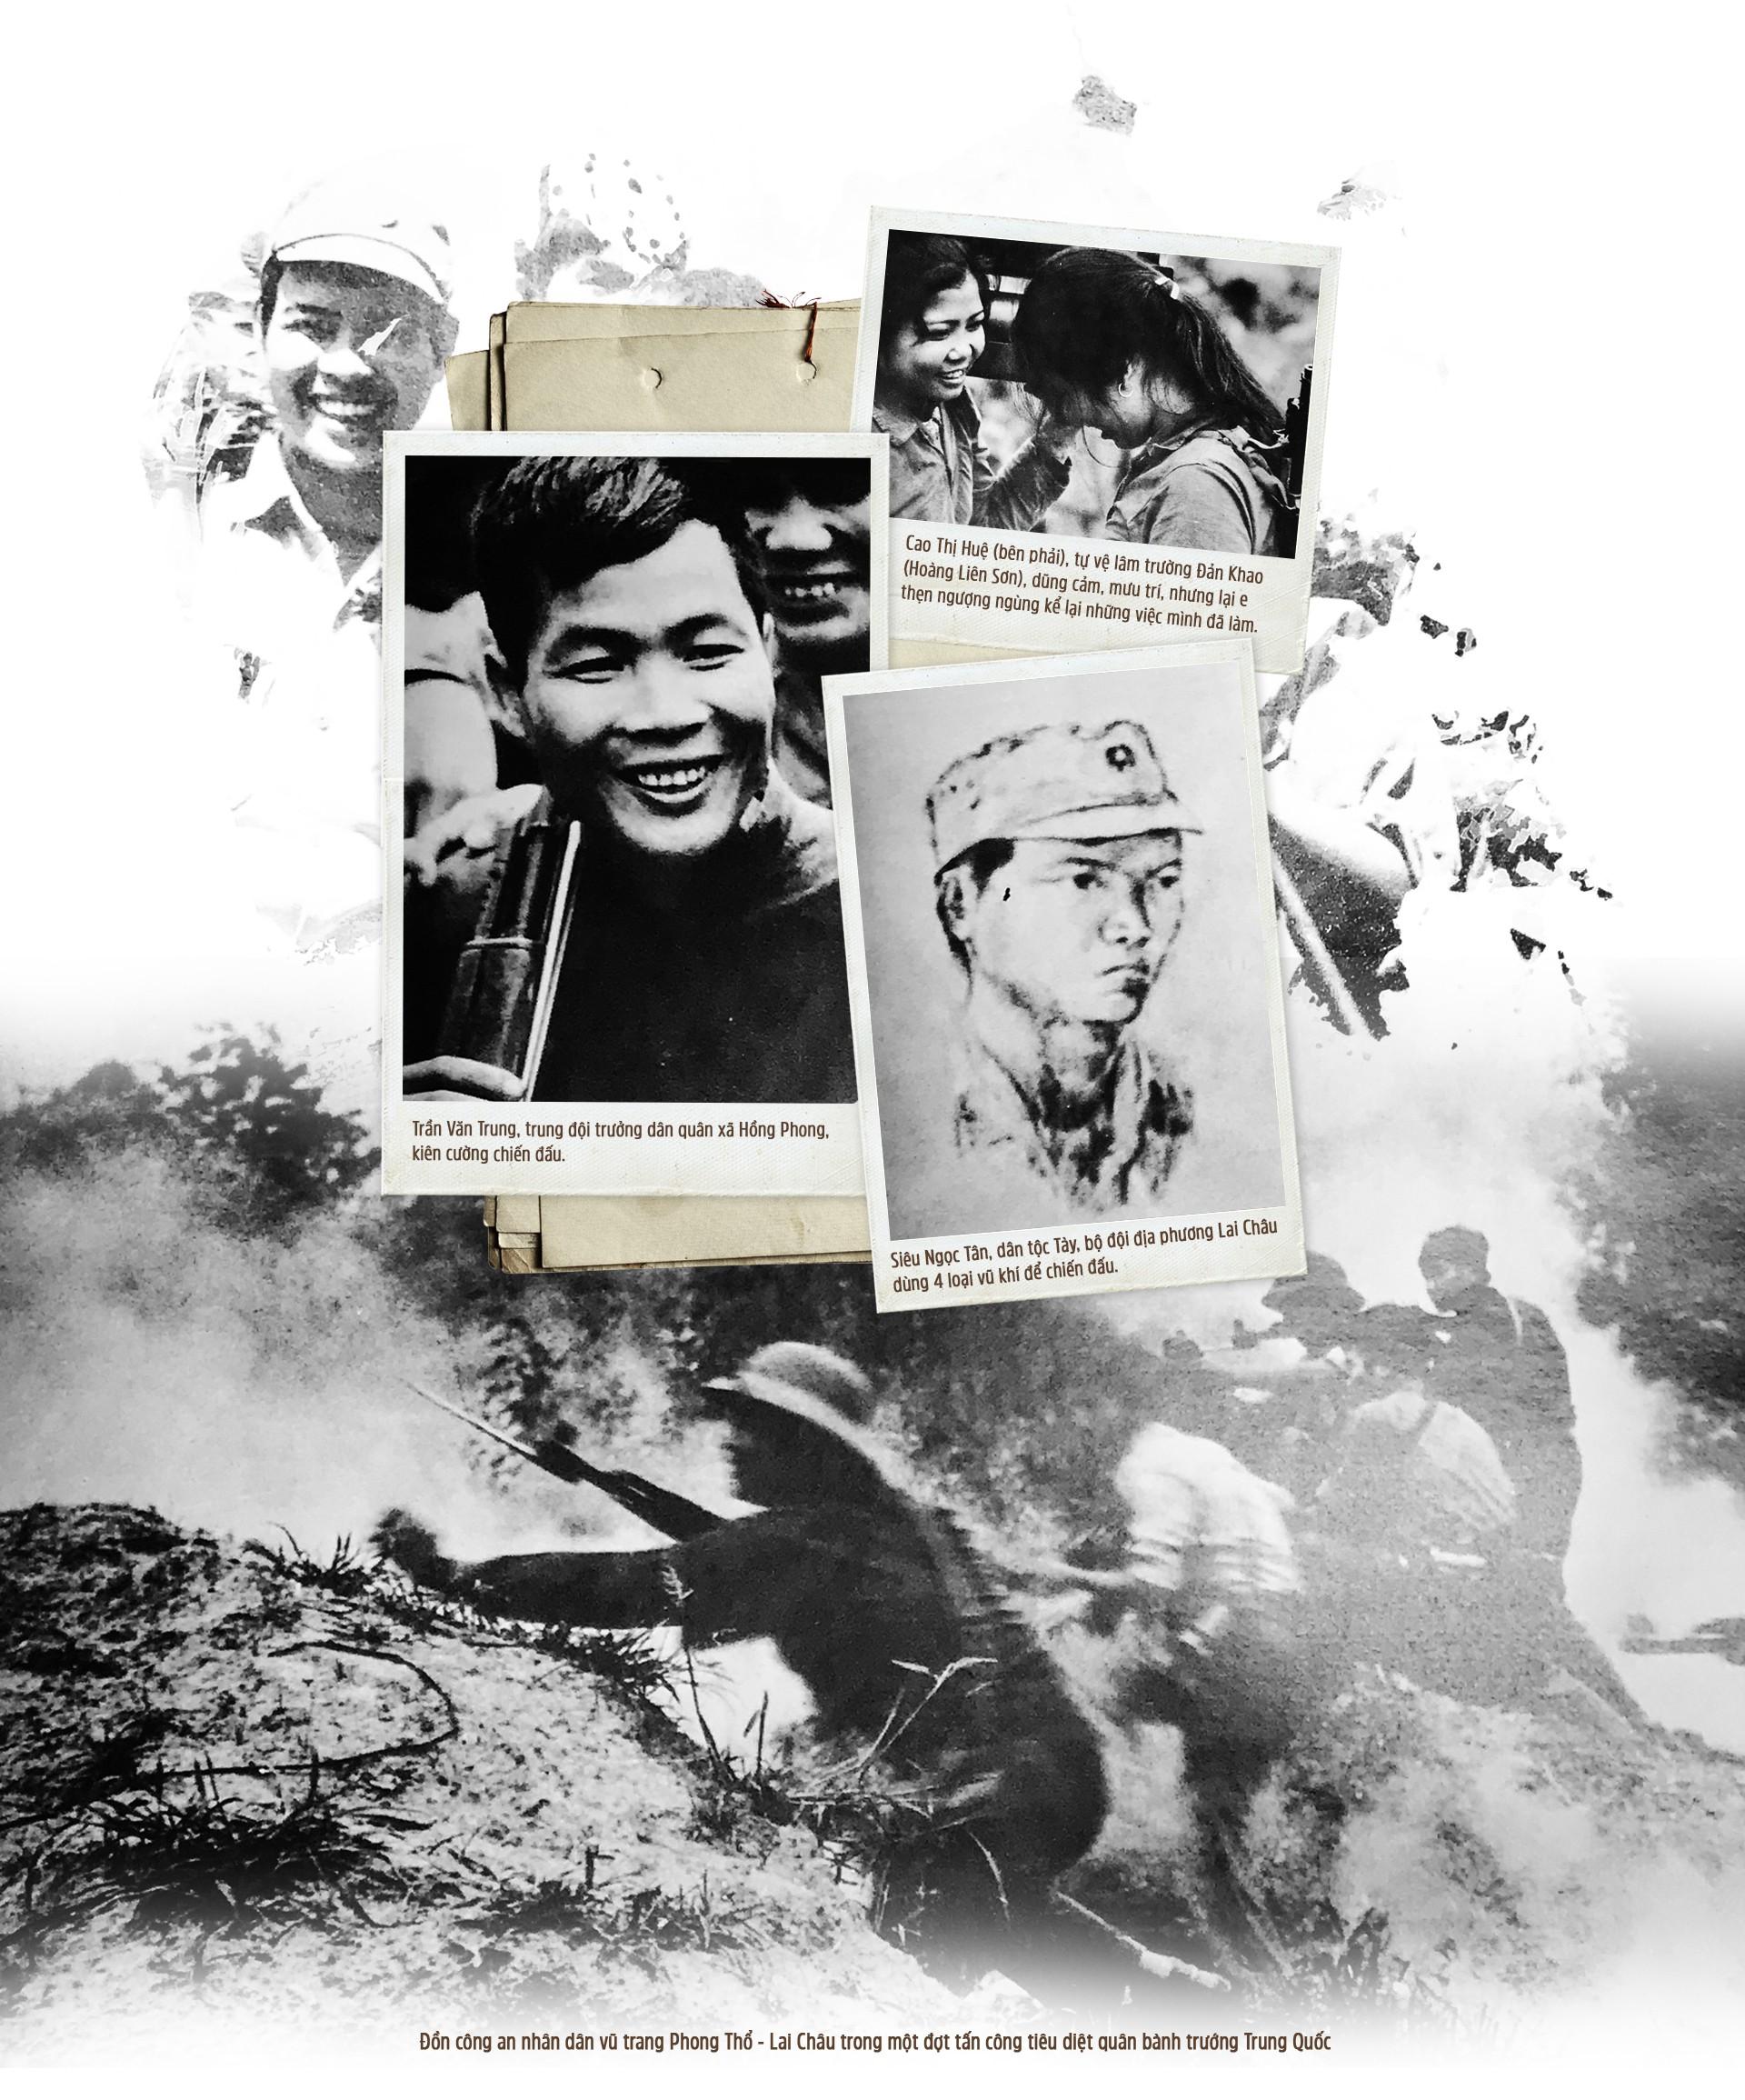 Xúc động những bức ảnh giữa chiến trường biên giới 1979 - Ảnh 1.